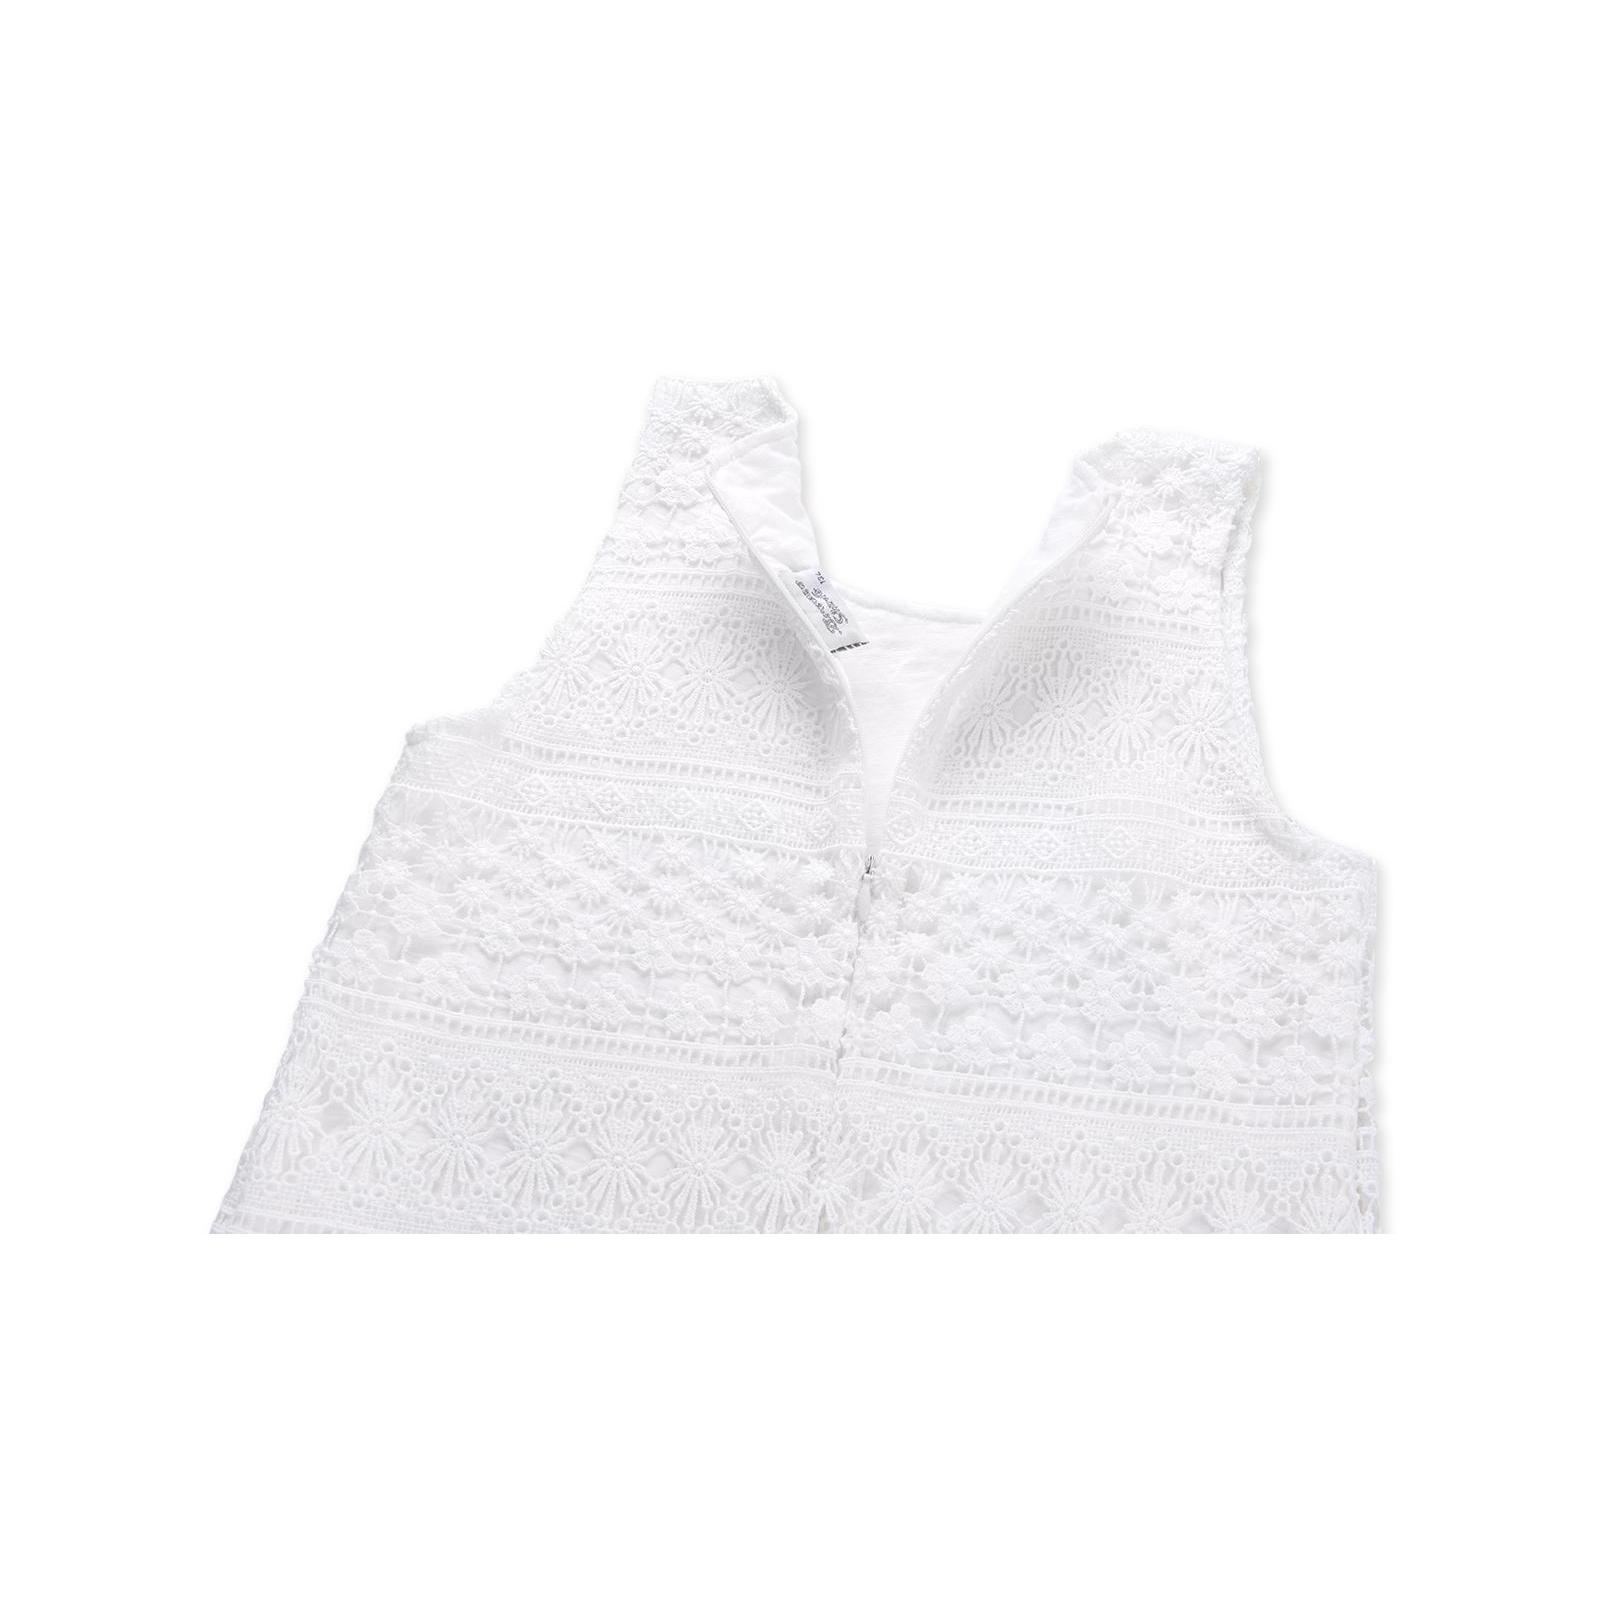 Платье Breeze из кружев (8859-128G-cream) изображение 3